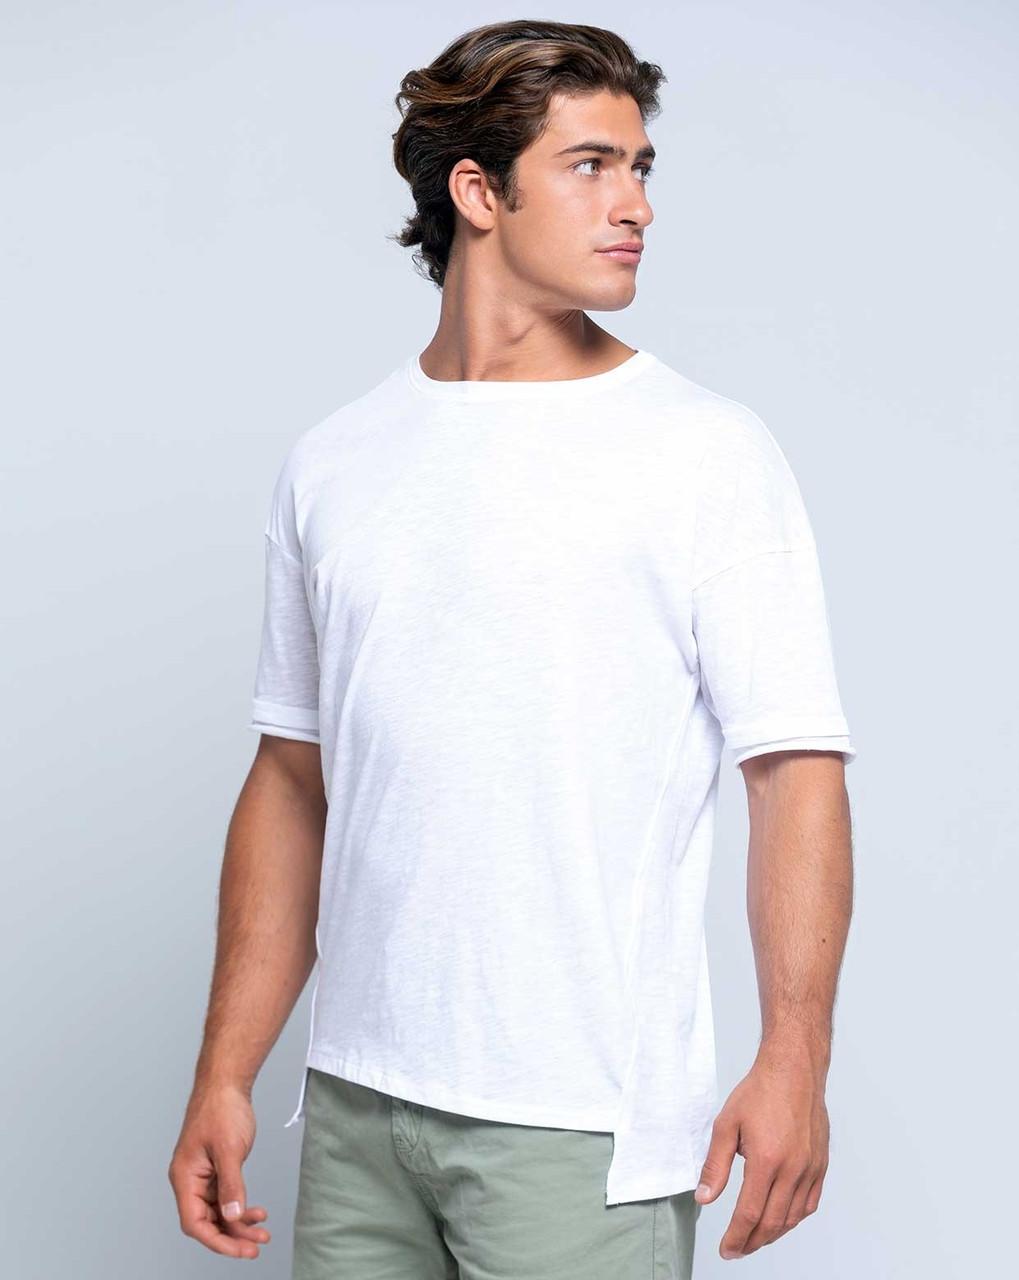 Мужская футболка JHK URBAN BREAK все цвета и размеры